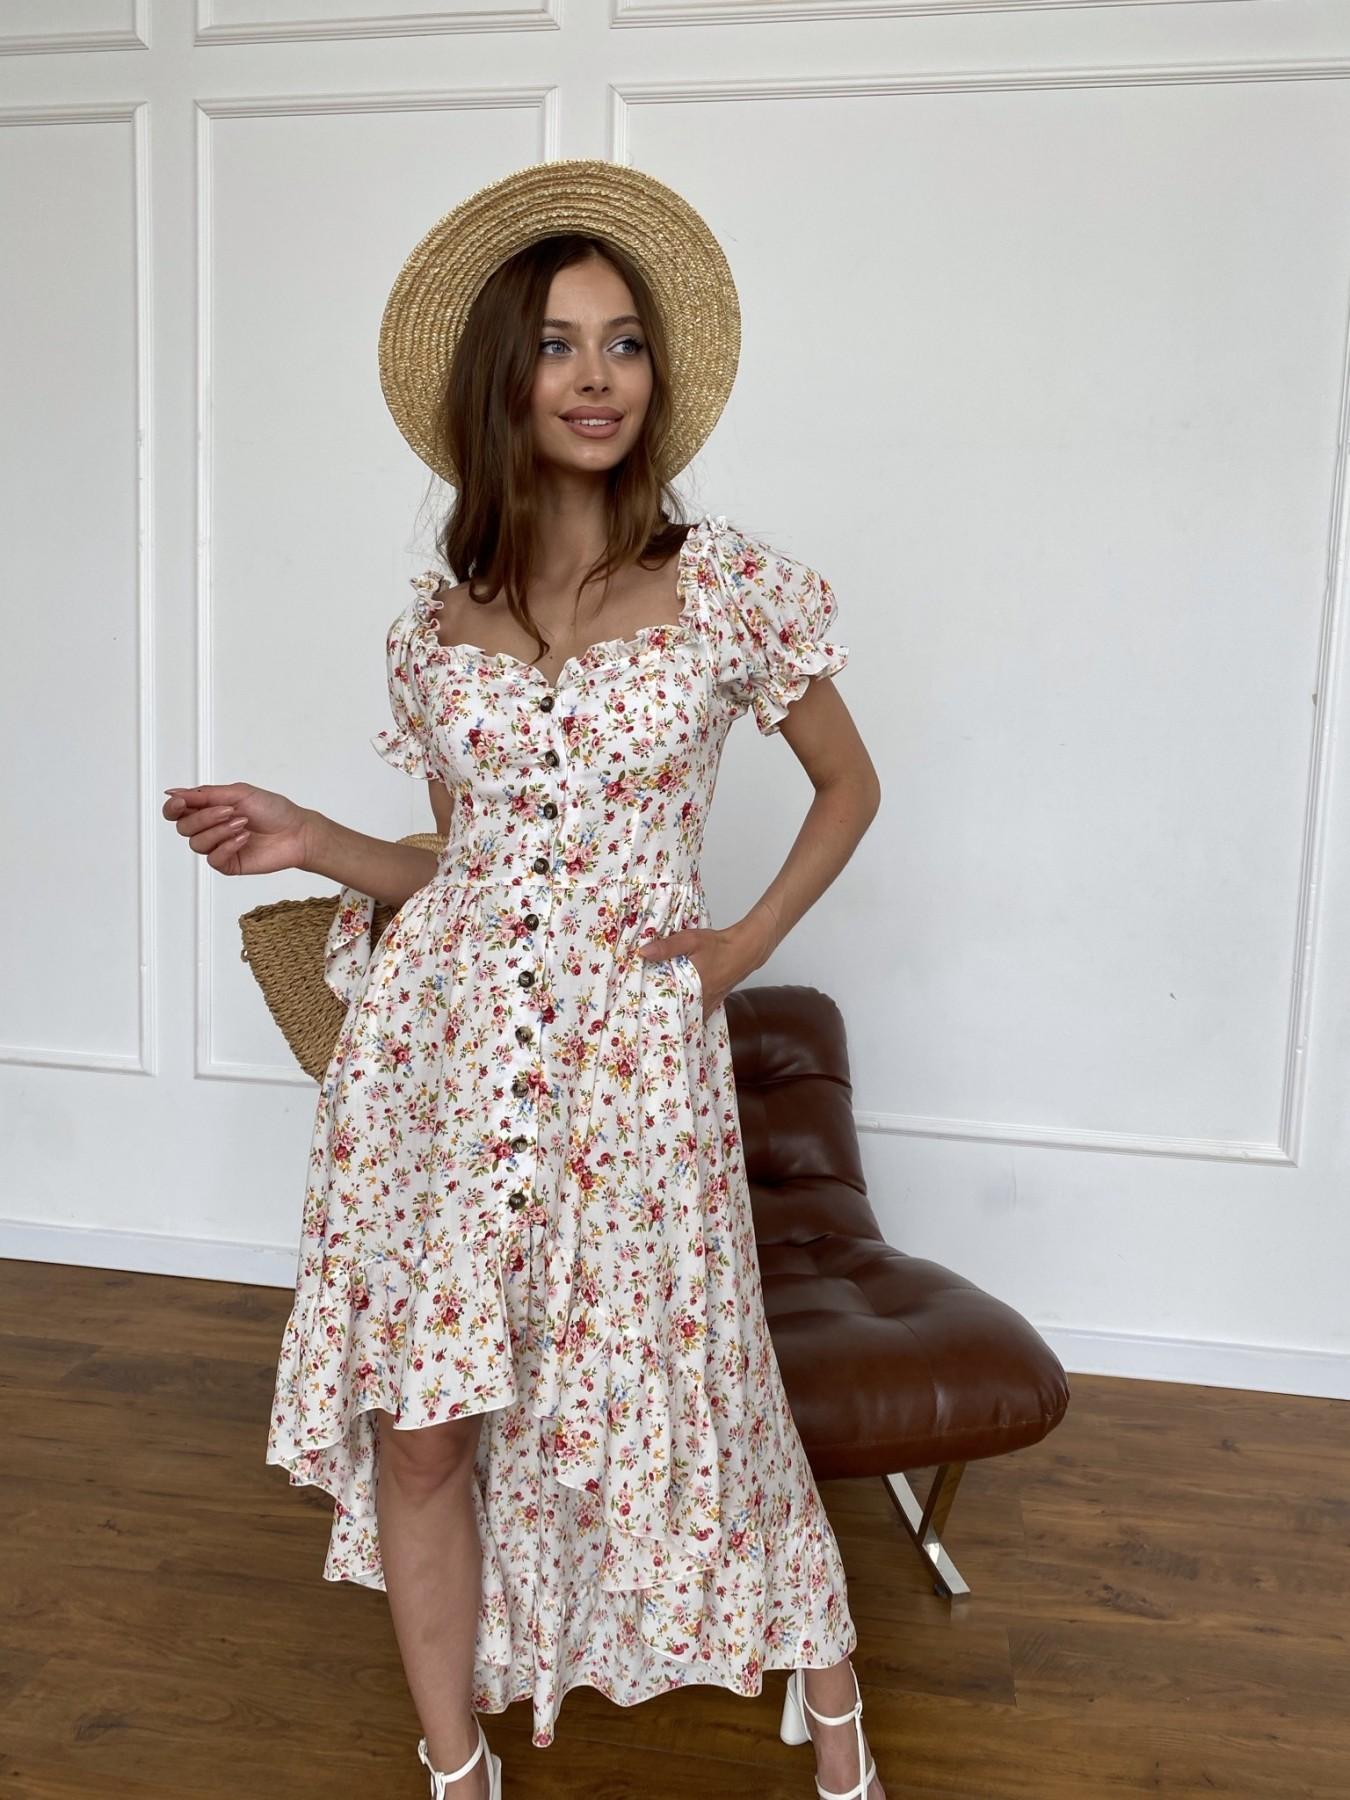 Нежность платье штапель принт 11420 АРТ. 47984 Цвет: Молоко/РозовыйБукет - фото 4, интернет магазин tm-modus.ru